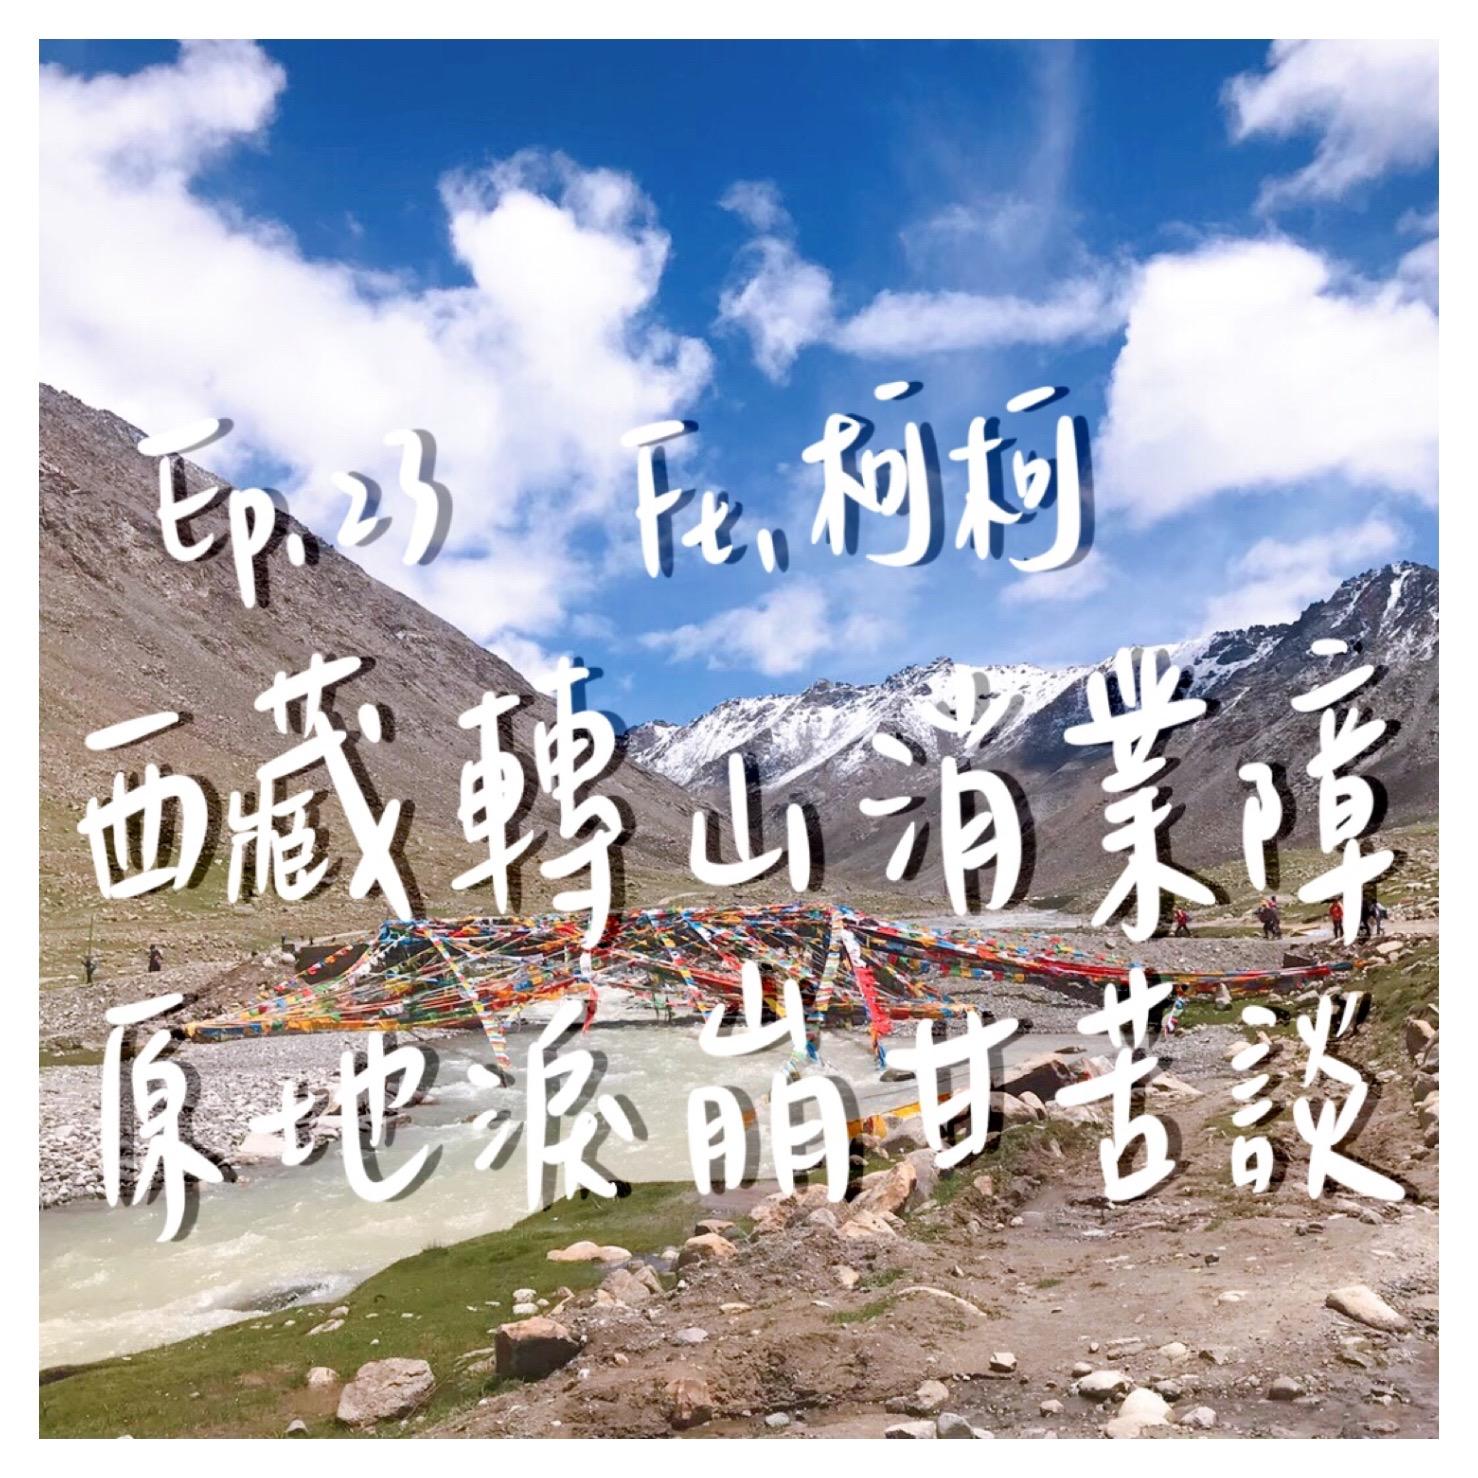 西藏轉山消業障,原地淚崩甘苦談! (第23劑  )